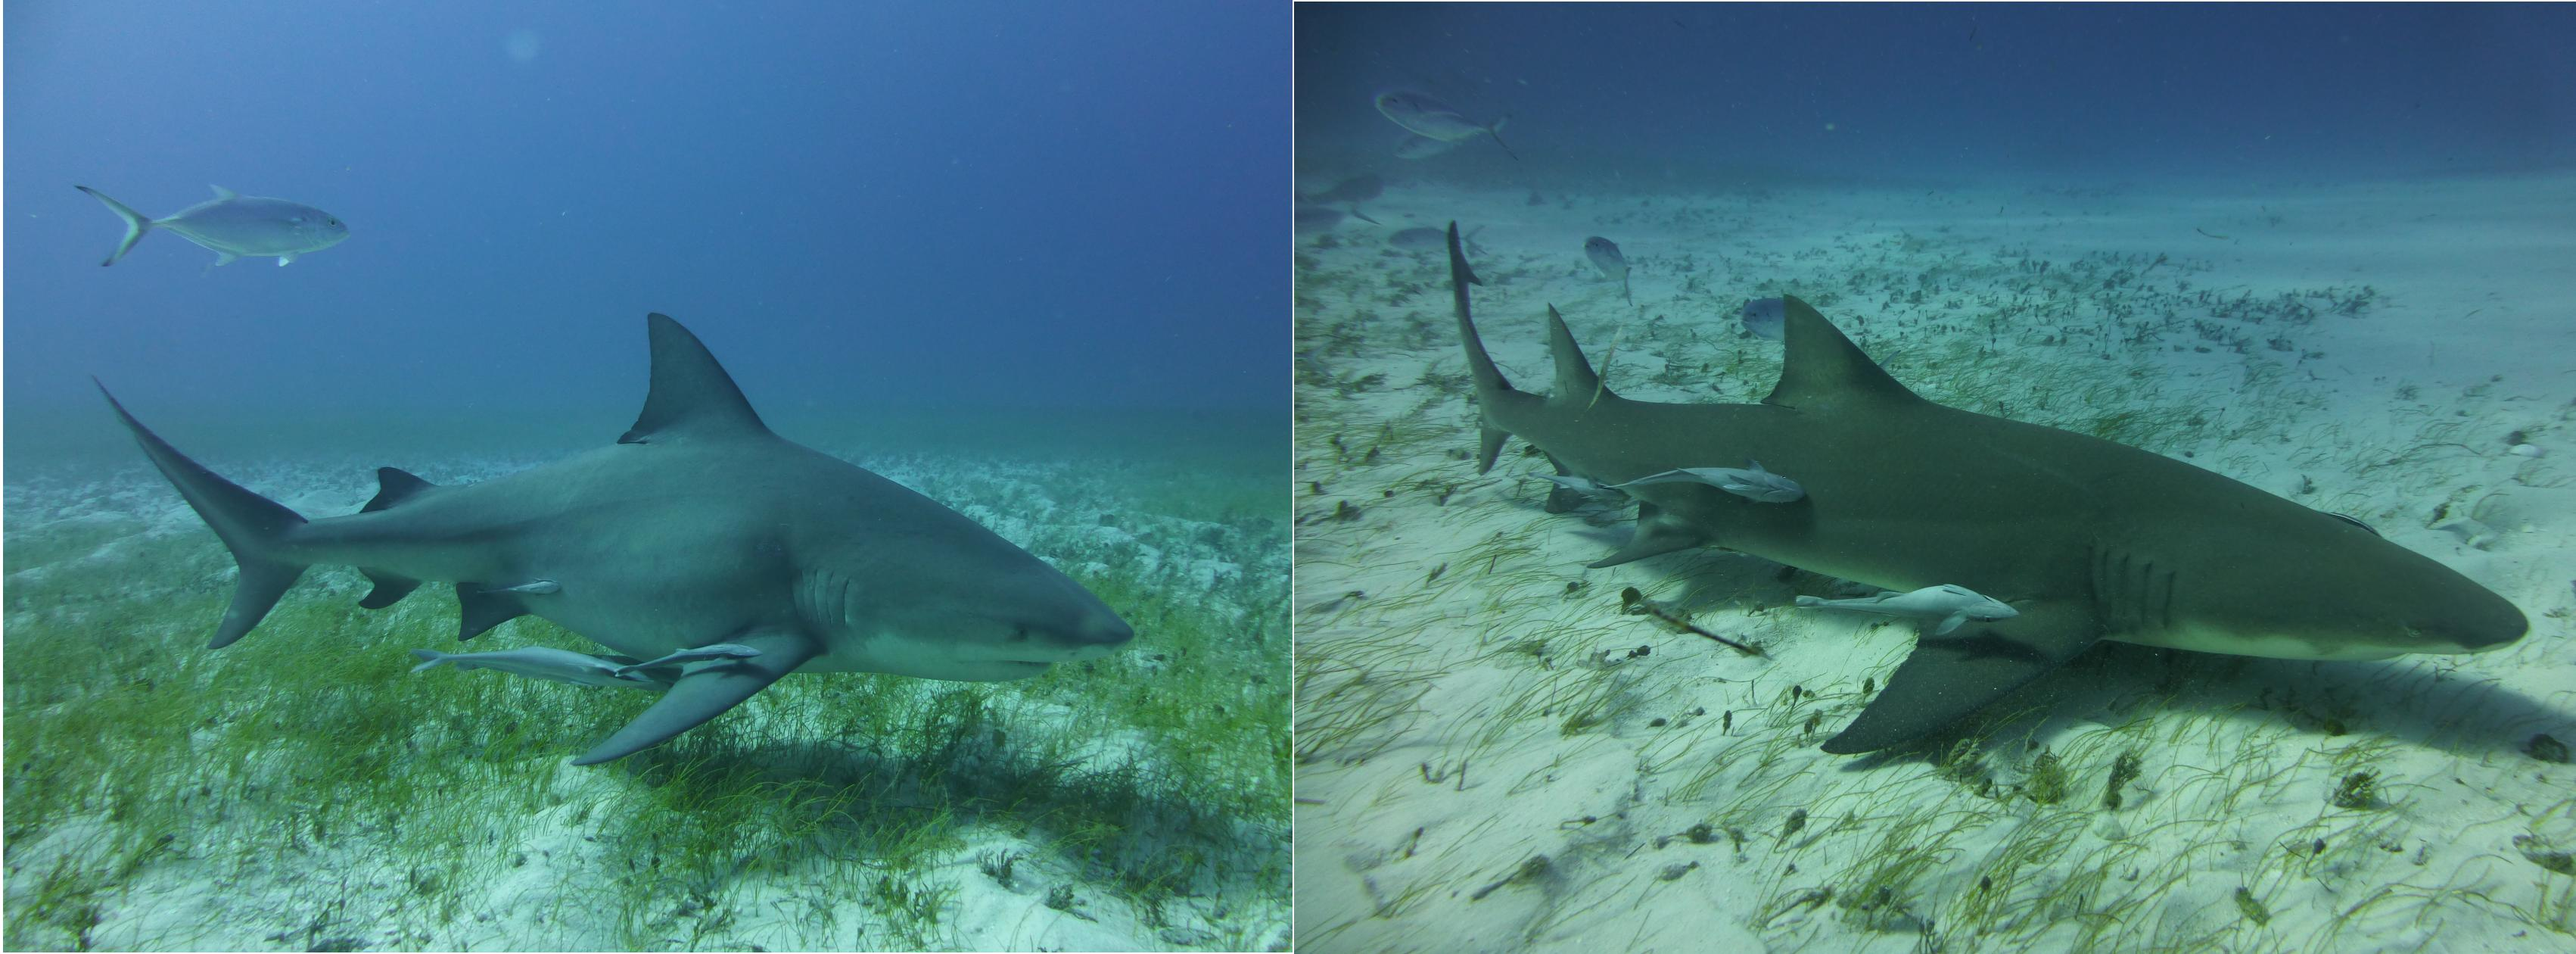 Dogterom-Bahamas-foto2-78346